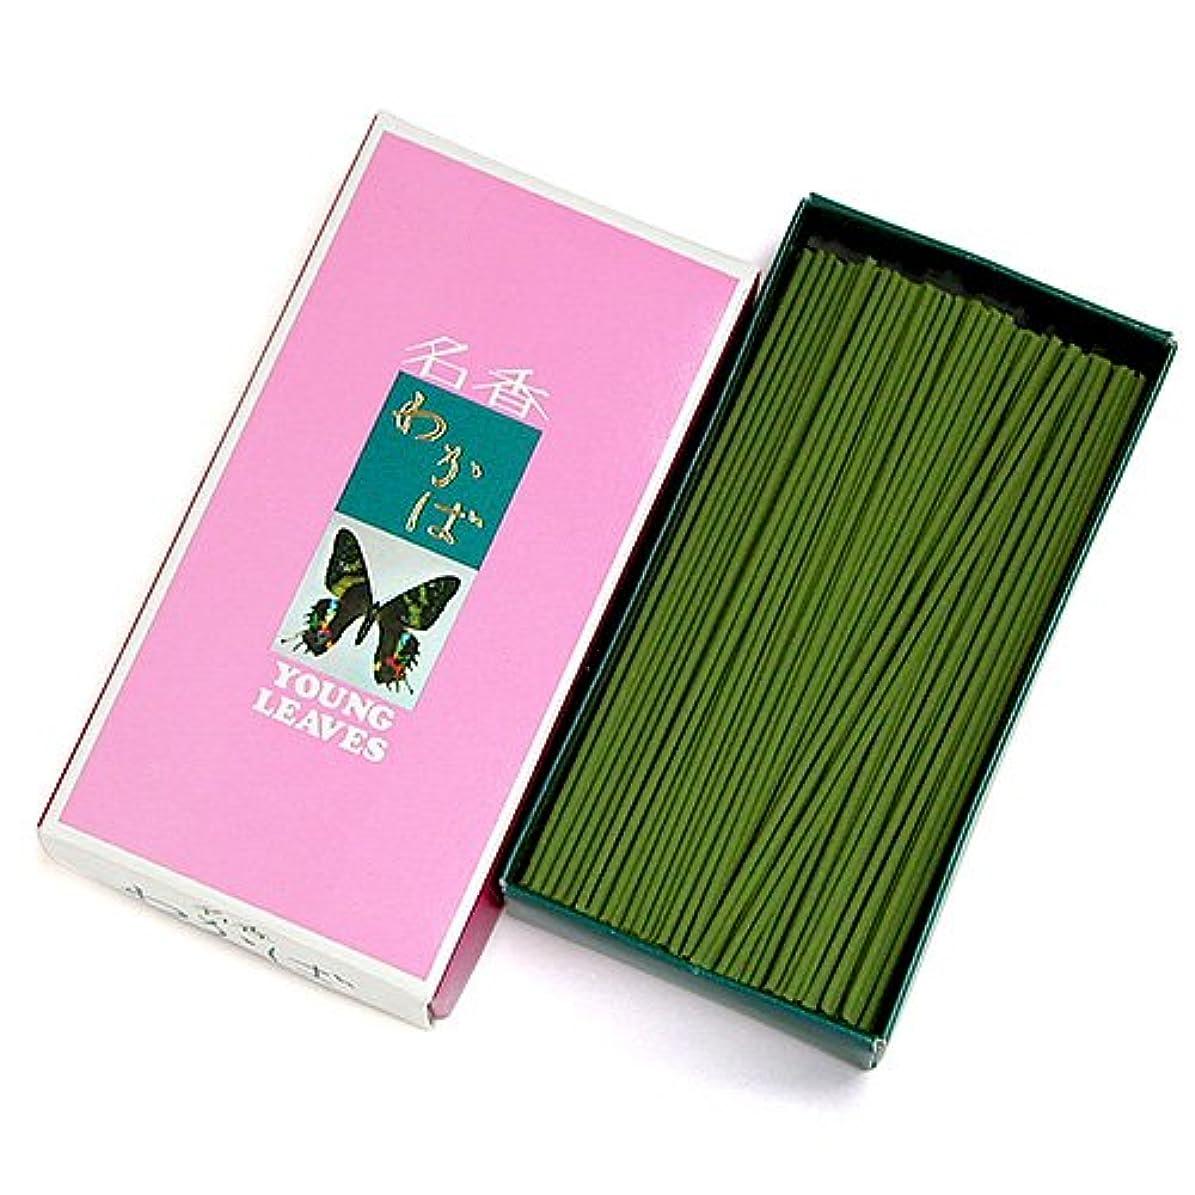 メディック慢性的十家庭用線香 わかば(箱寸法16×8.5×3.5cm)◆香木と調和した香水の香りのお線香(大発)